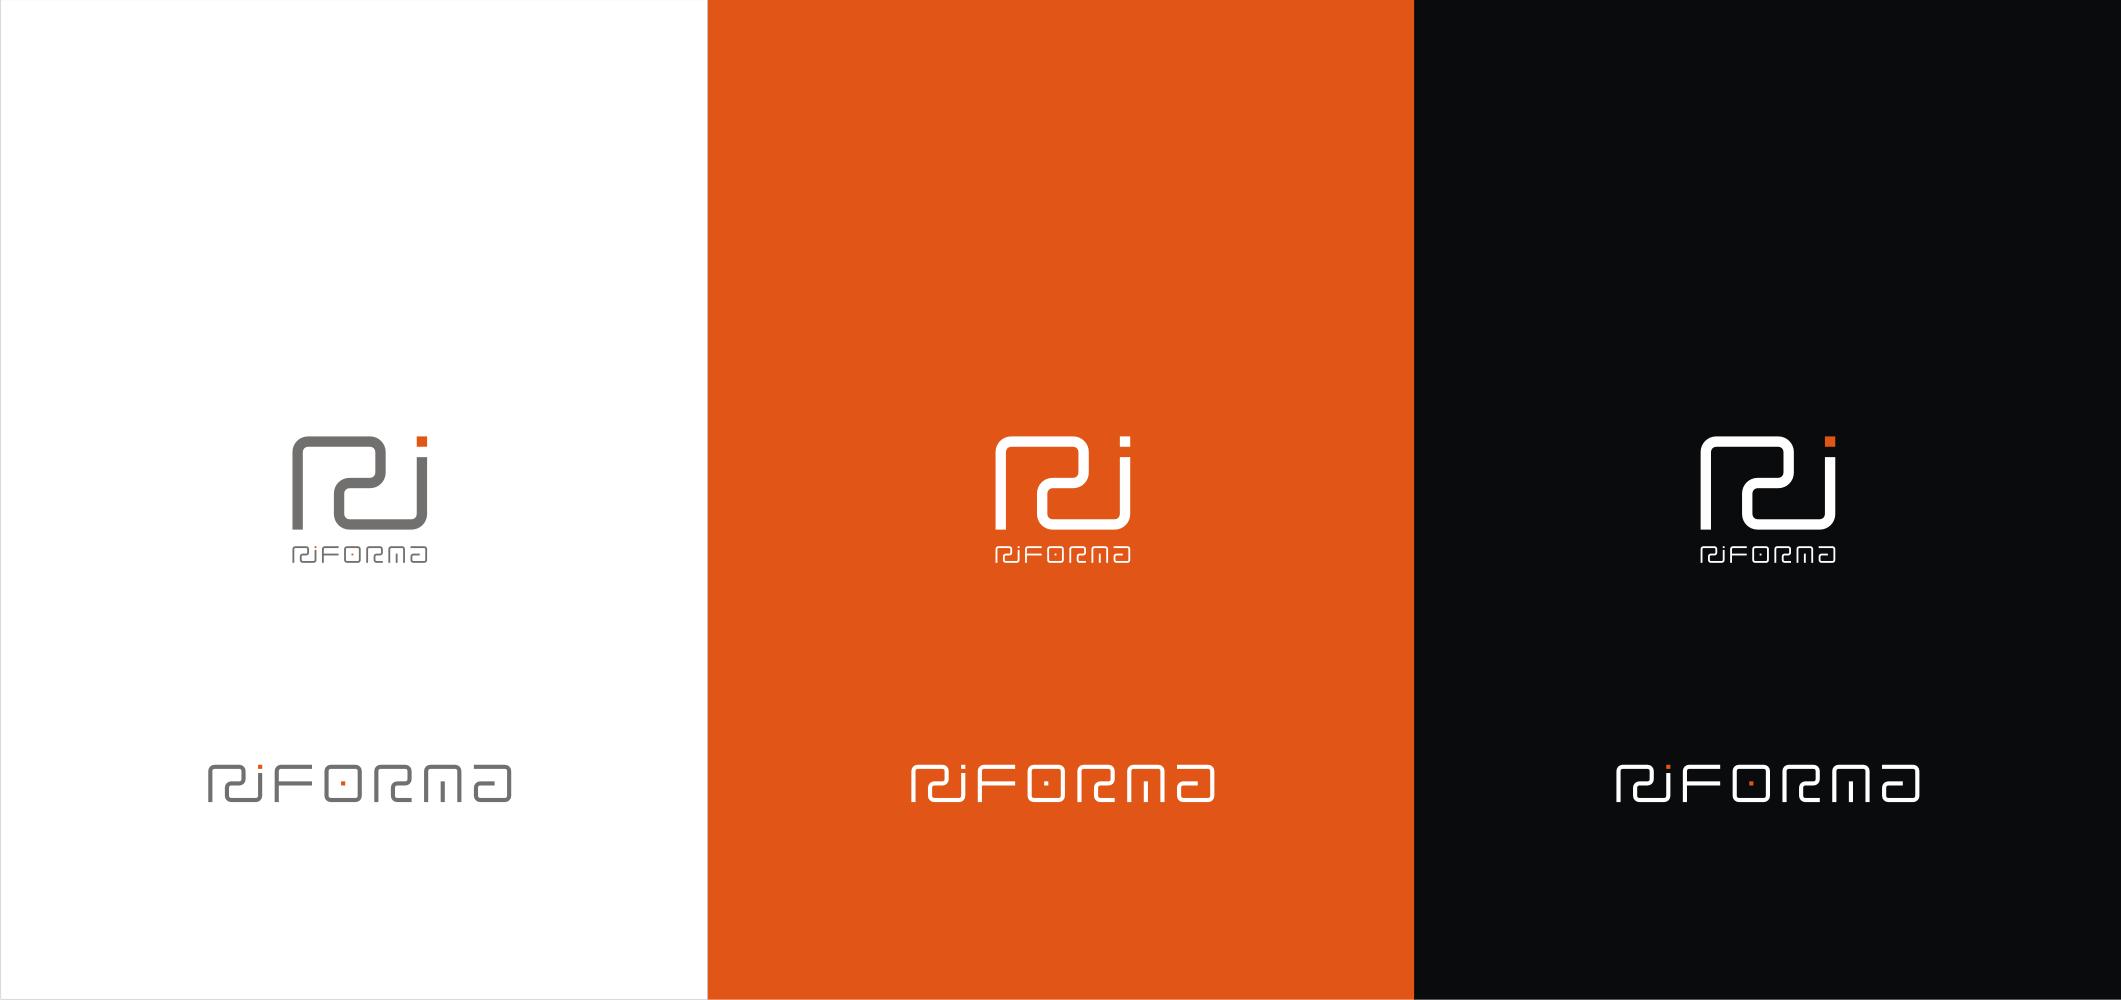 Разработка логотипа и элементов фирменного стиля фото f_14357a3f8a209ed4.png